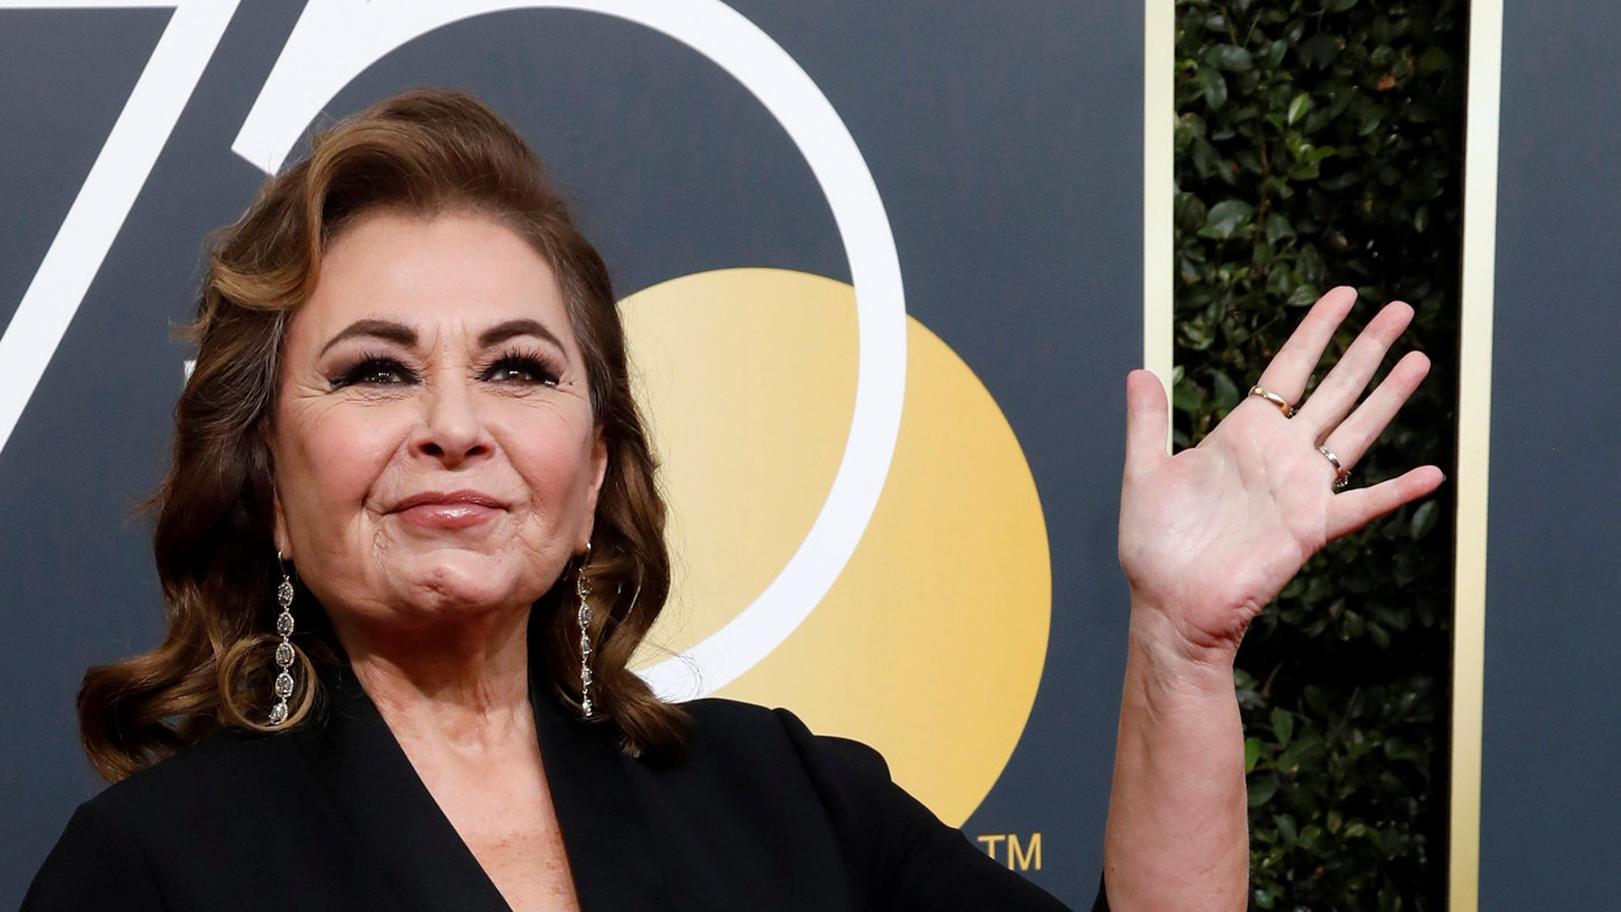 US-Serie Roseanne wird abgesetzt - nach Spruch von Roseanne Barr